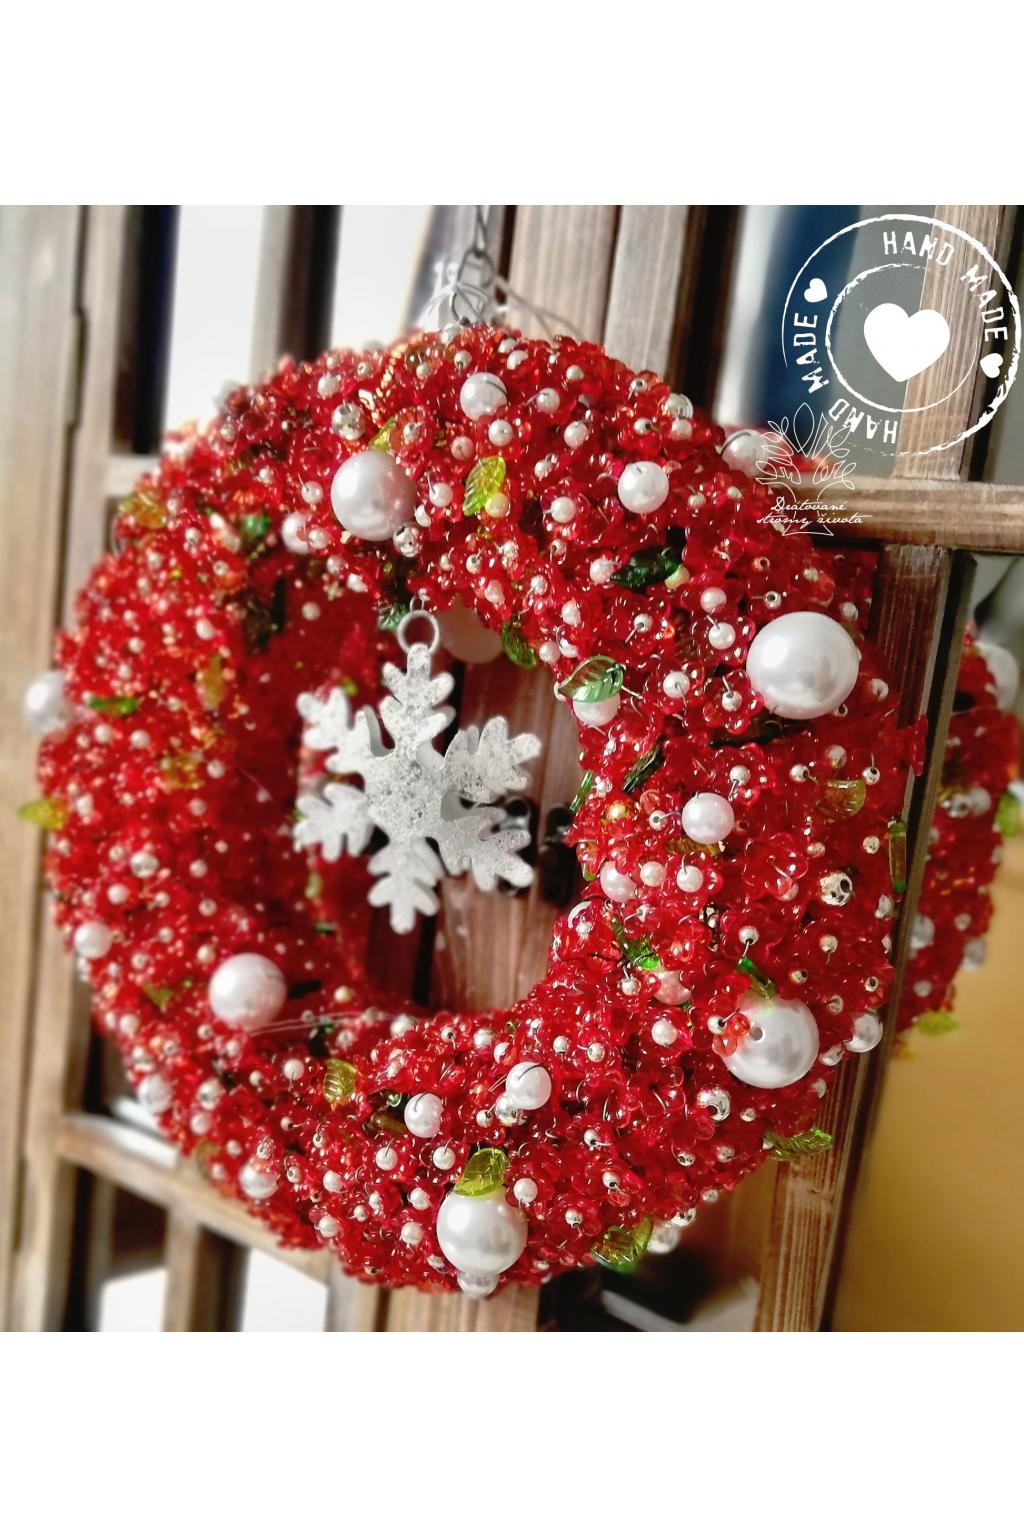 Věnec Vánoční LED - Teplo vánoc 23cm